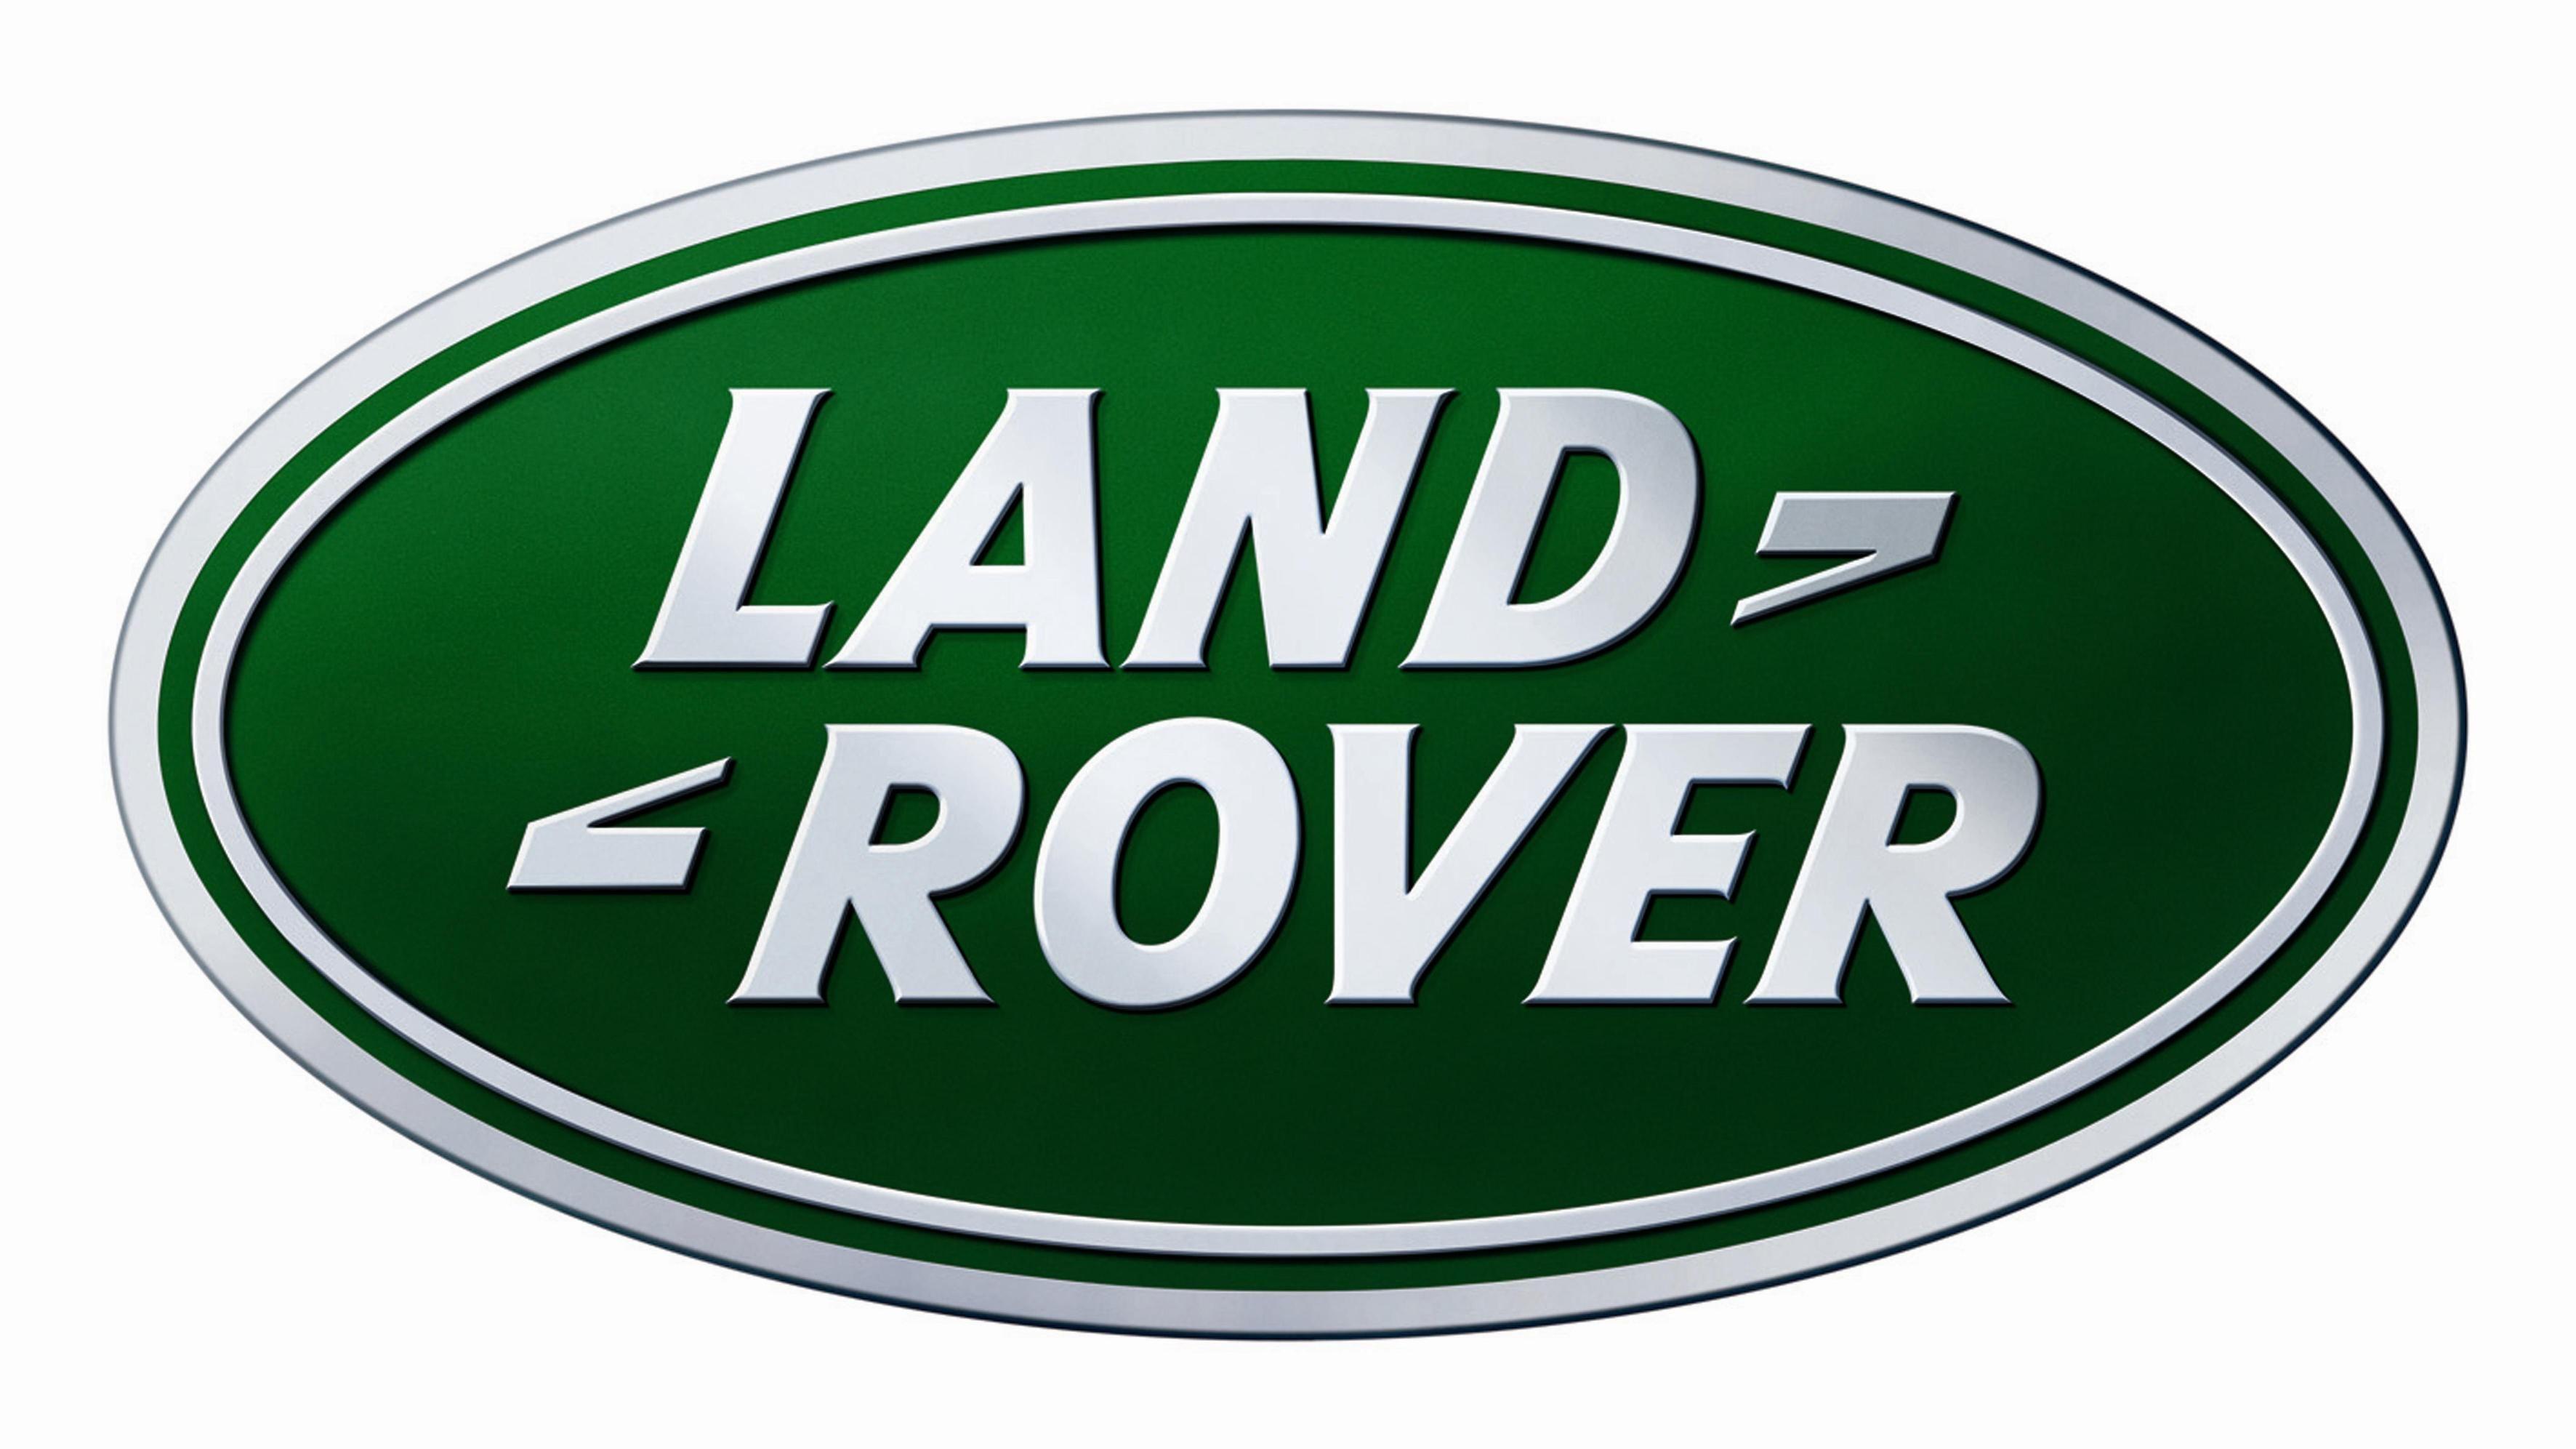 logo land rover Pesquisa Google MARCAS E LOGOS